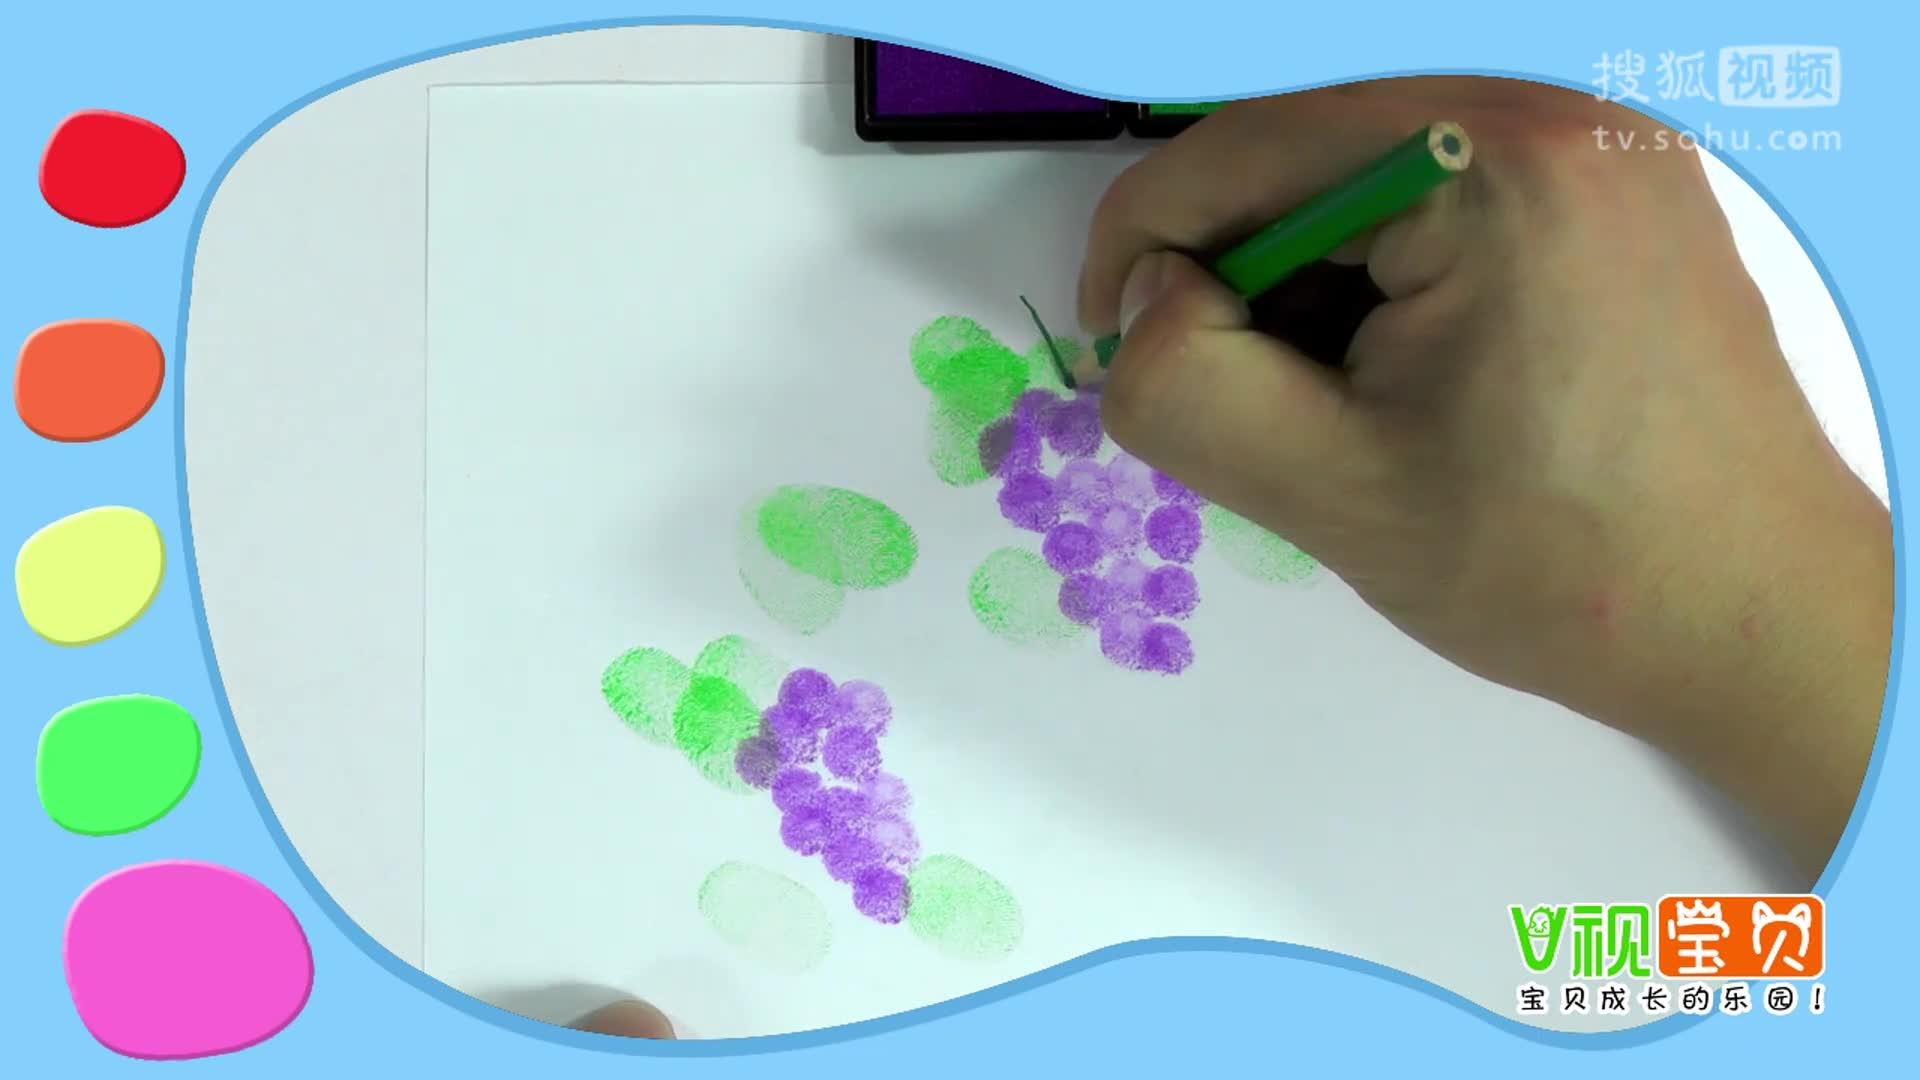 手指画葡萄 创意指纹画简笔画亲子美术教育幼儿手工